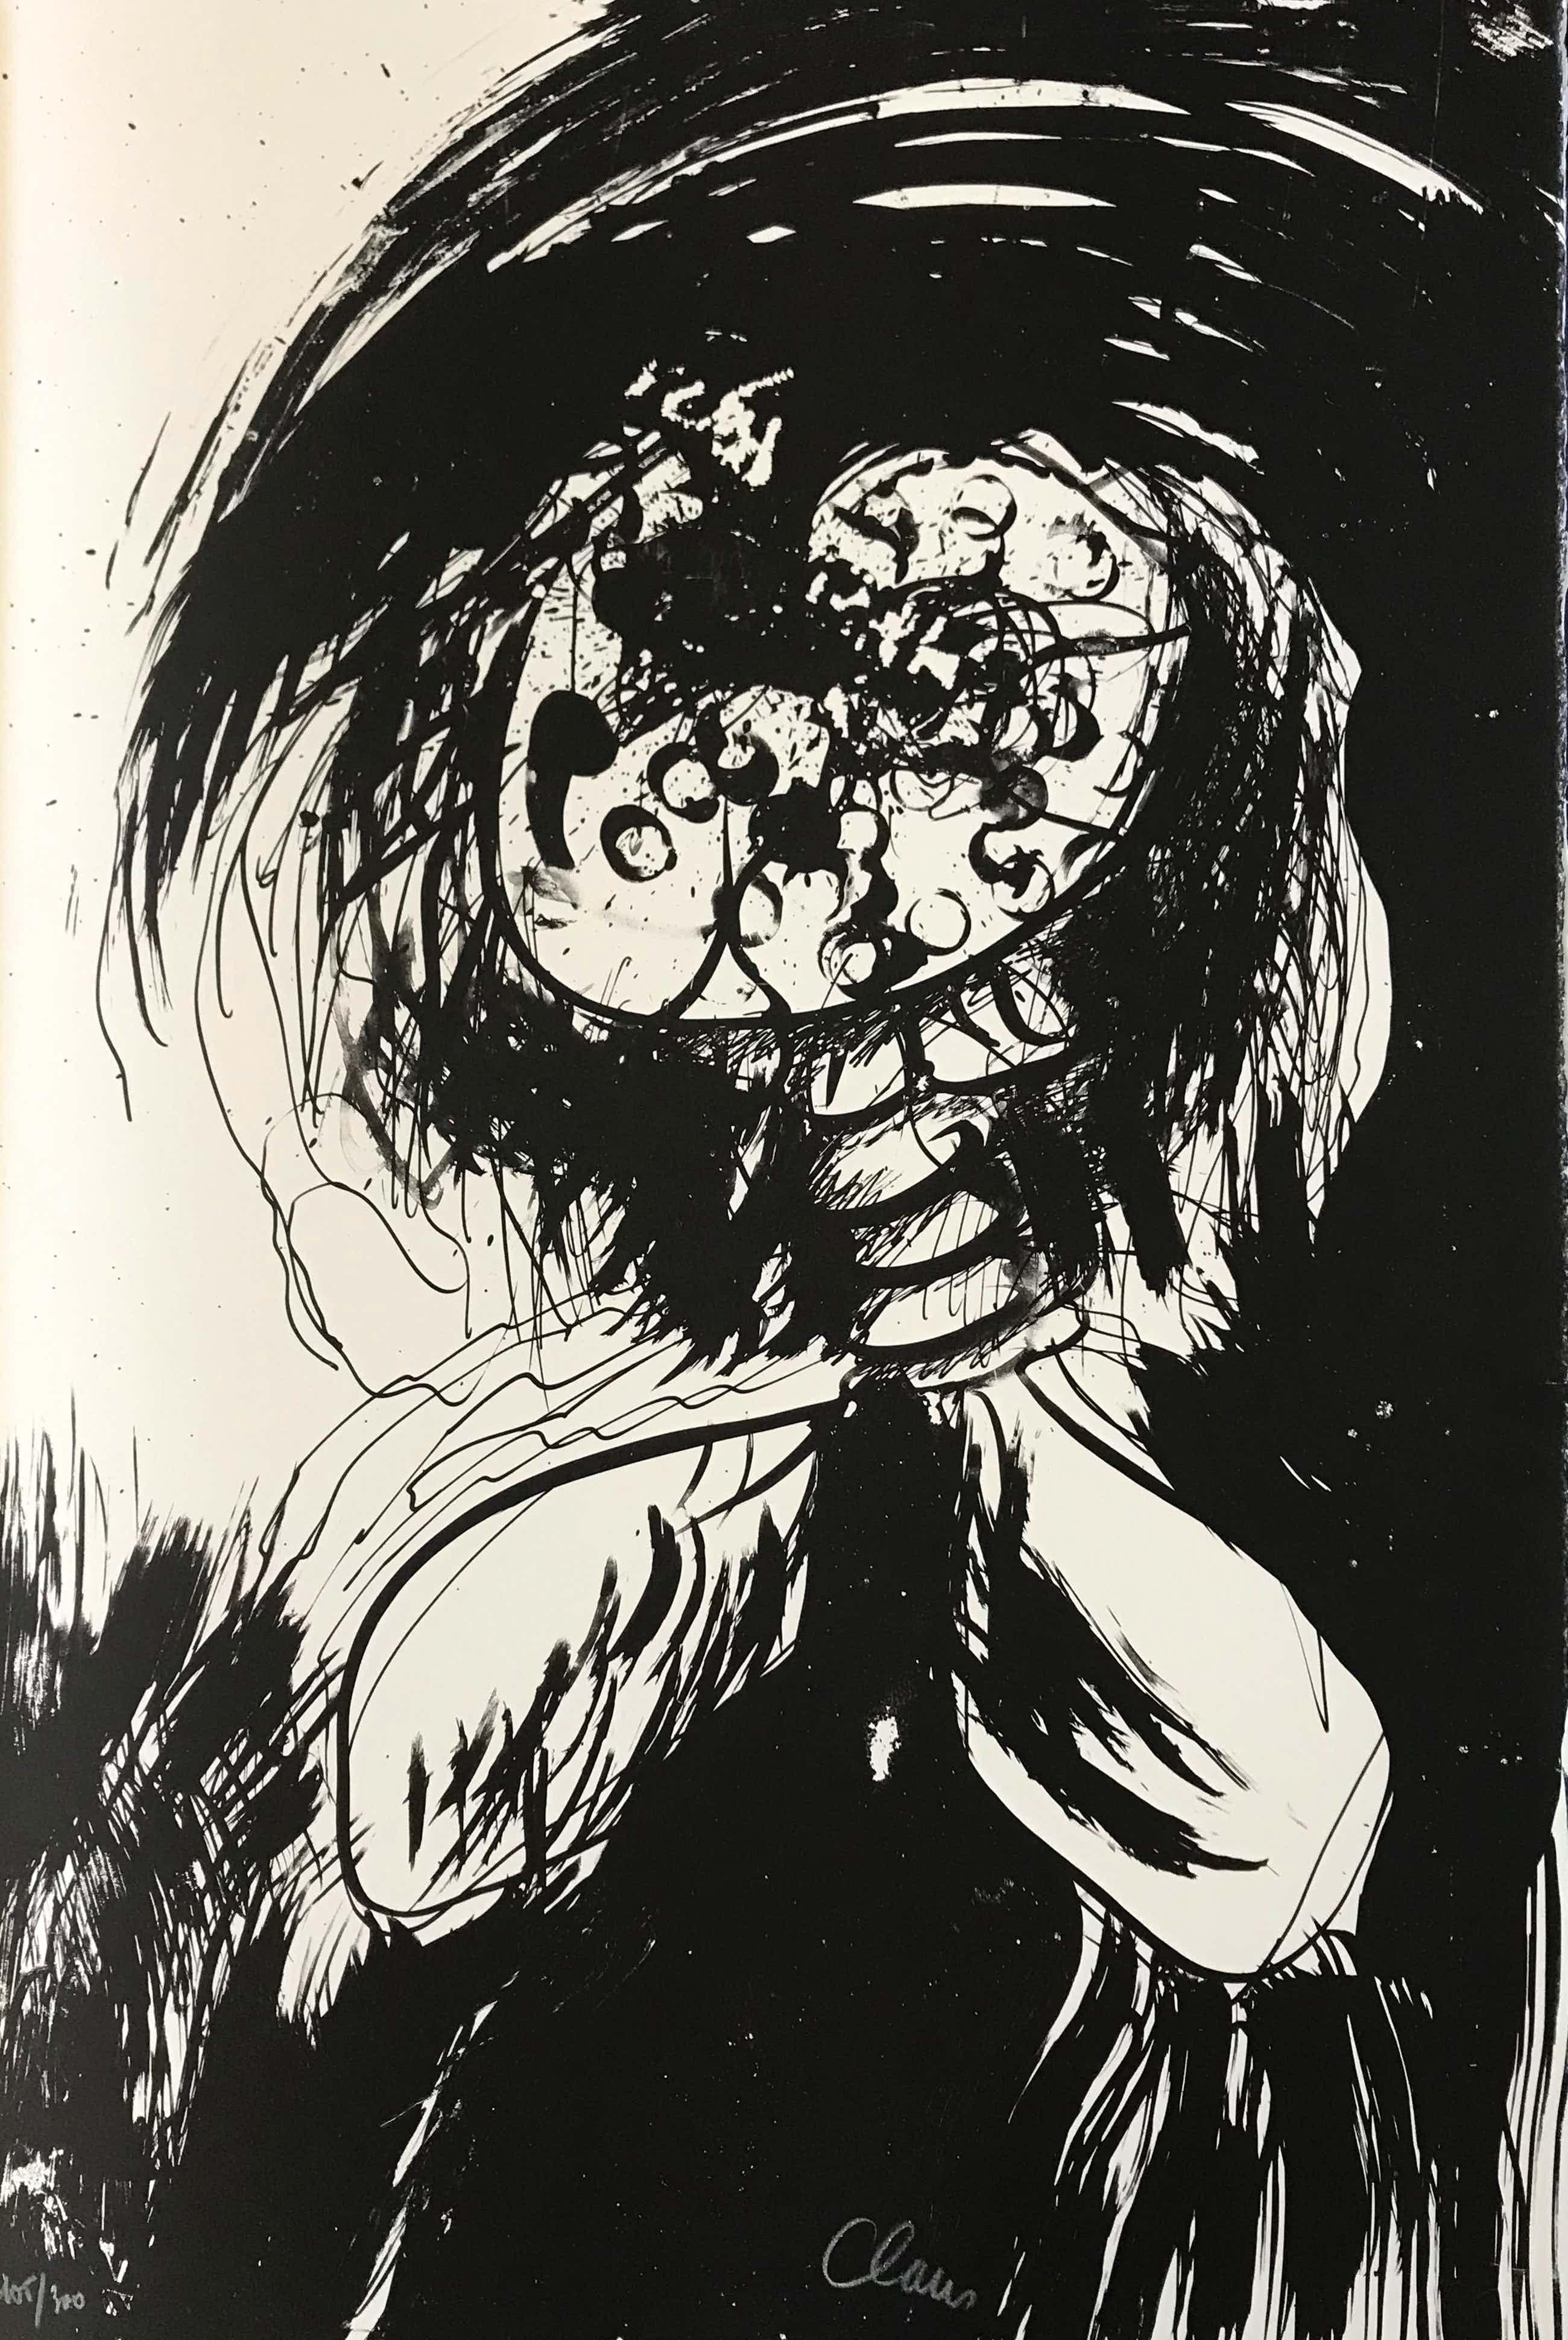 Hugo Claus - Kleurenlitho - Fuga - Winter 2 - 1979 - 105/300 kopen? Bied vanaf 65!